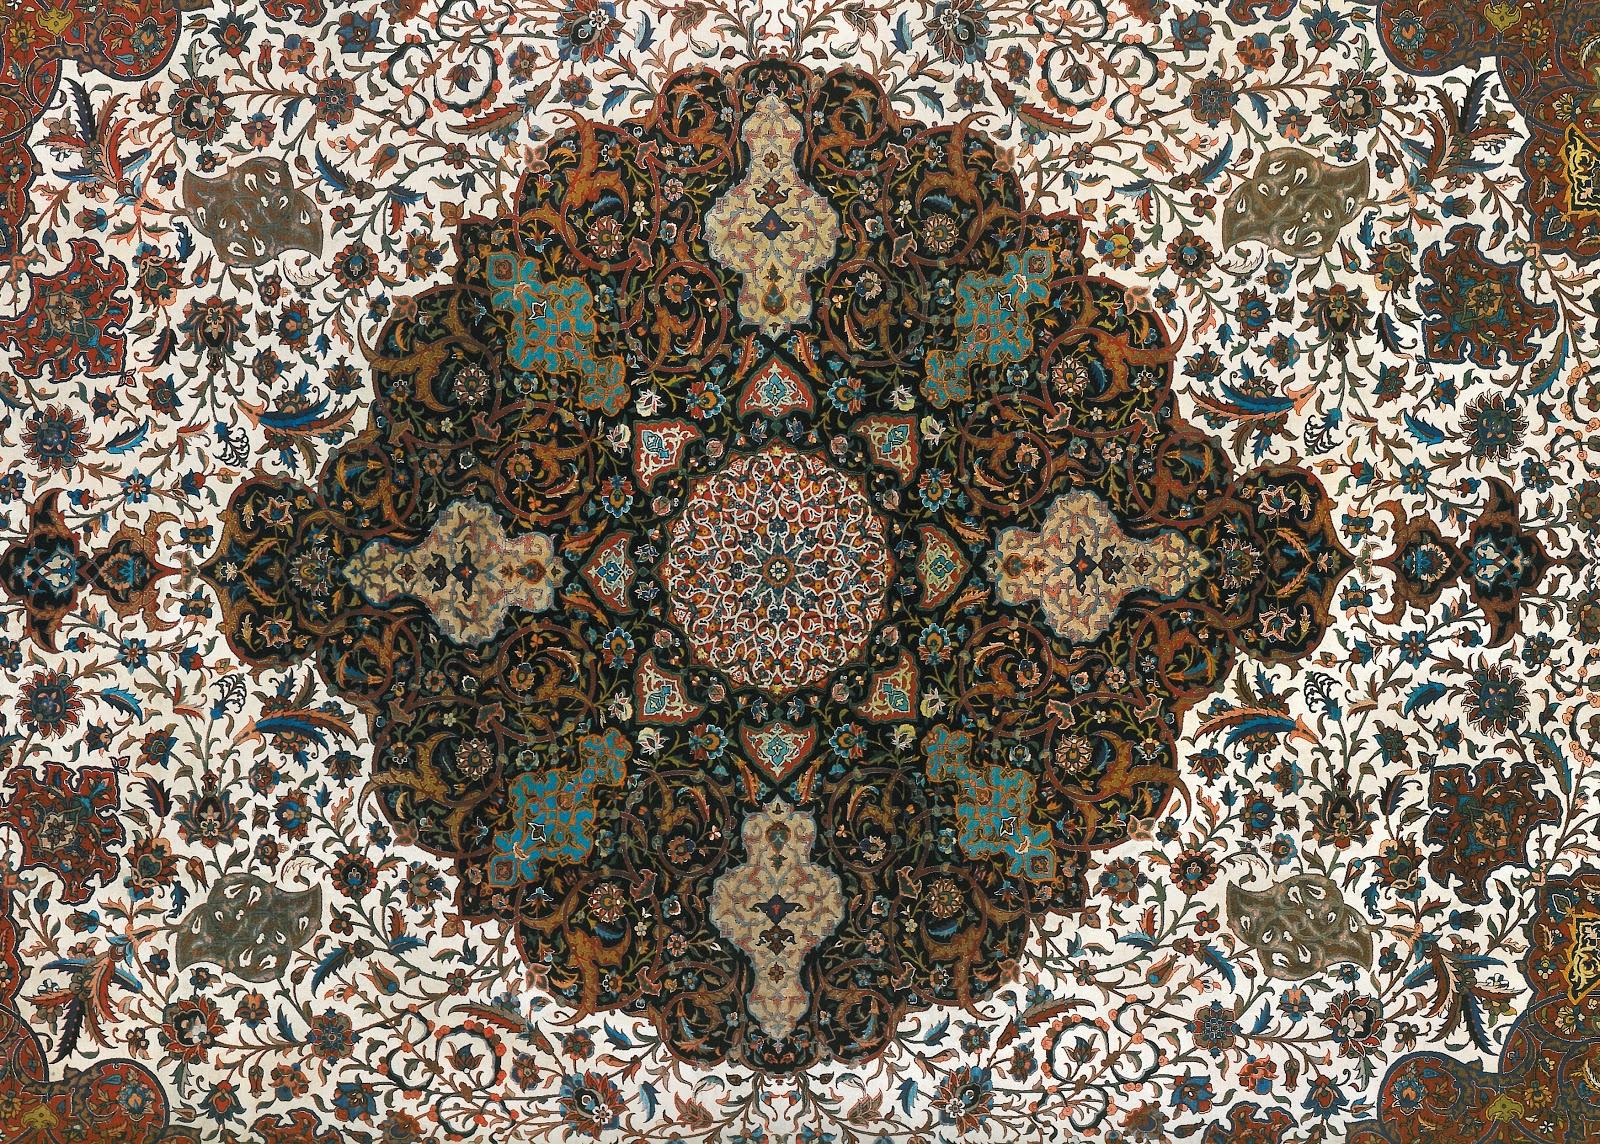 Desayunando con audrey la alfombra persa - Alfombras dibujos geometricos ...